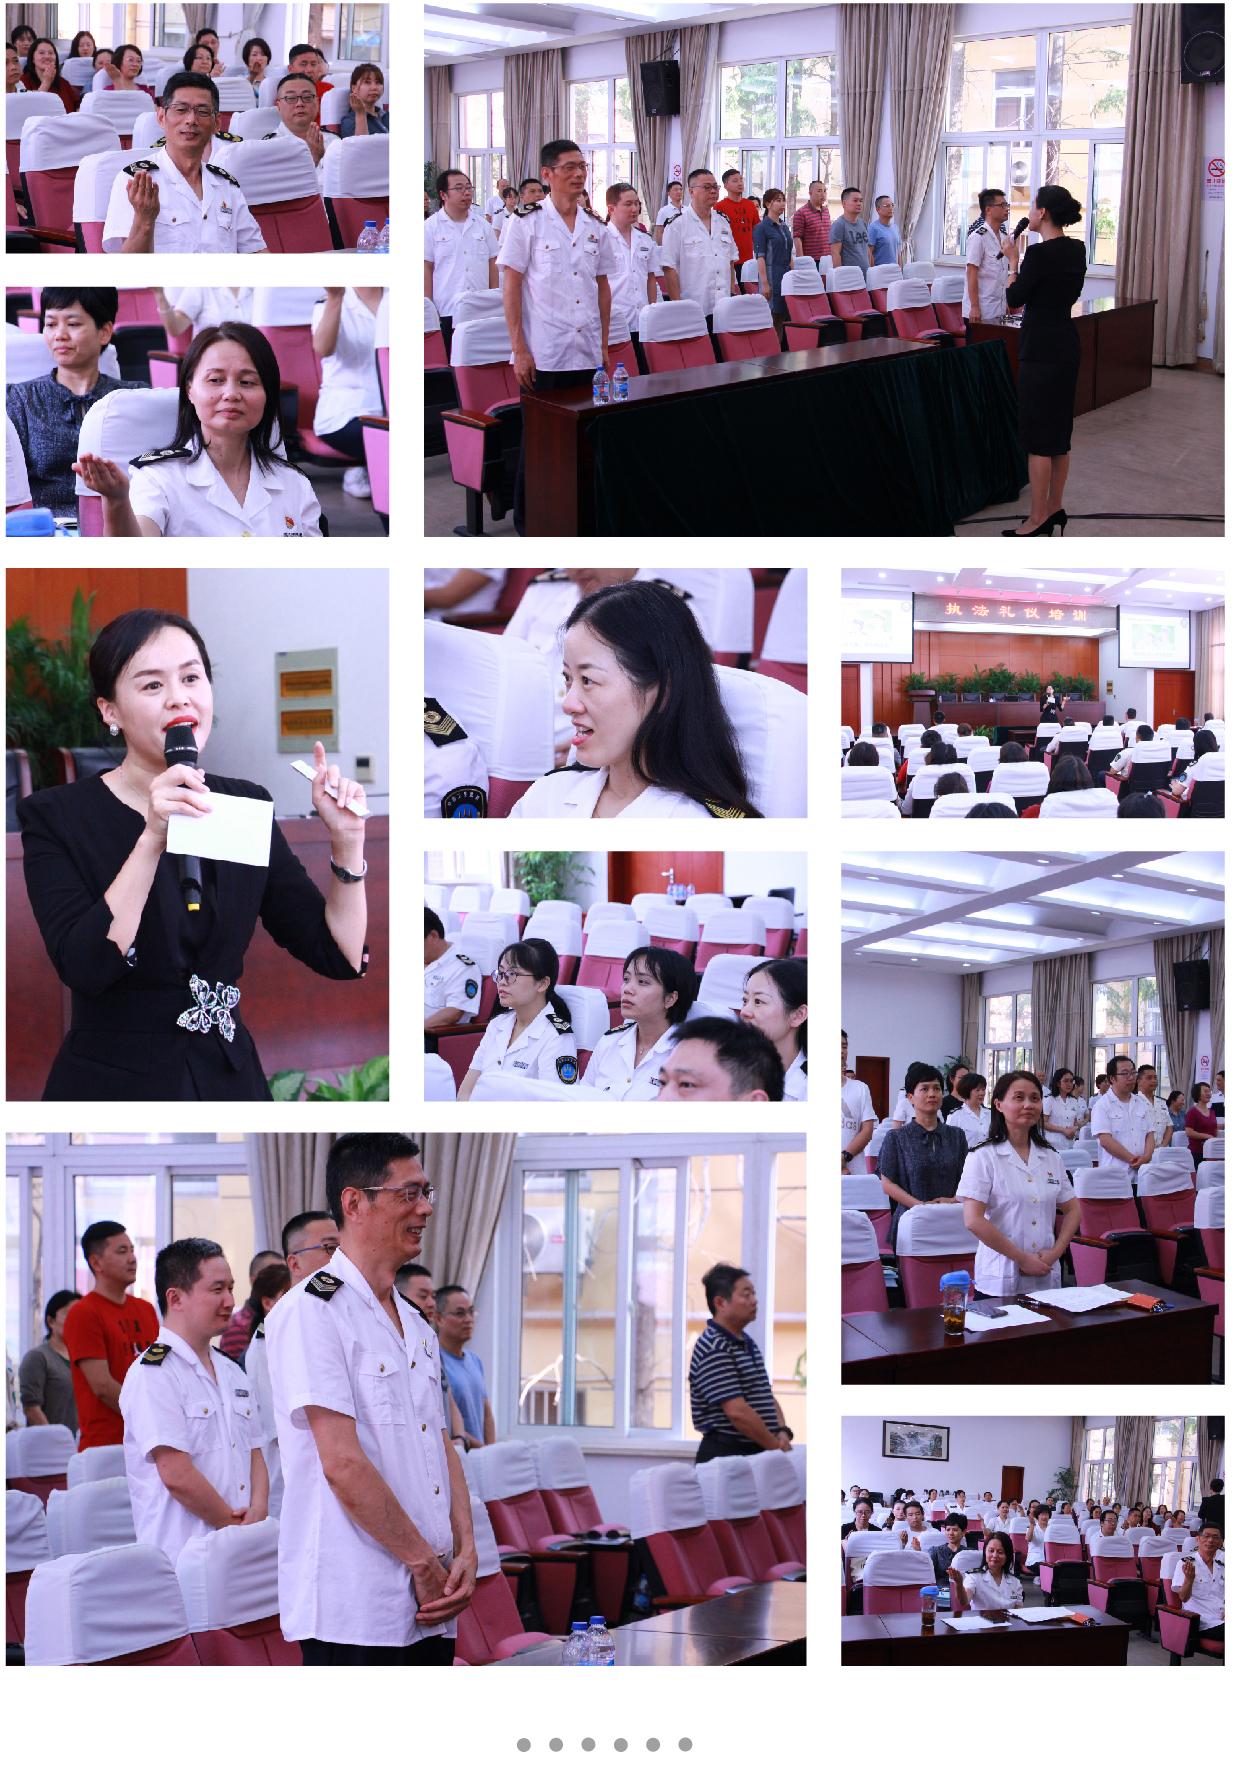 4上海·卫监所执法礼仪培训照片